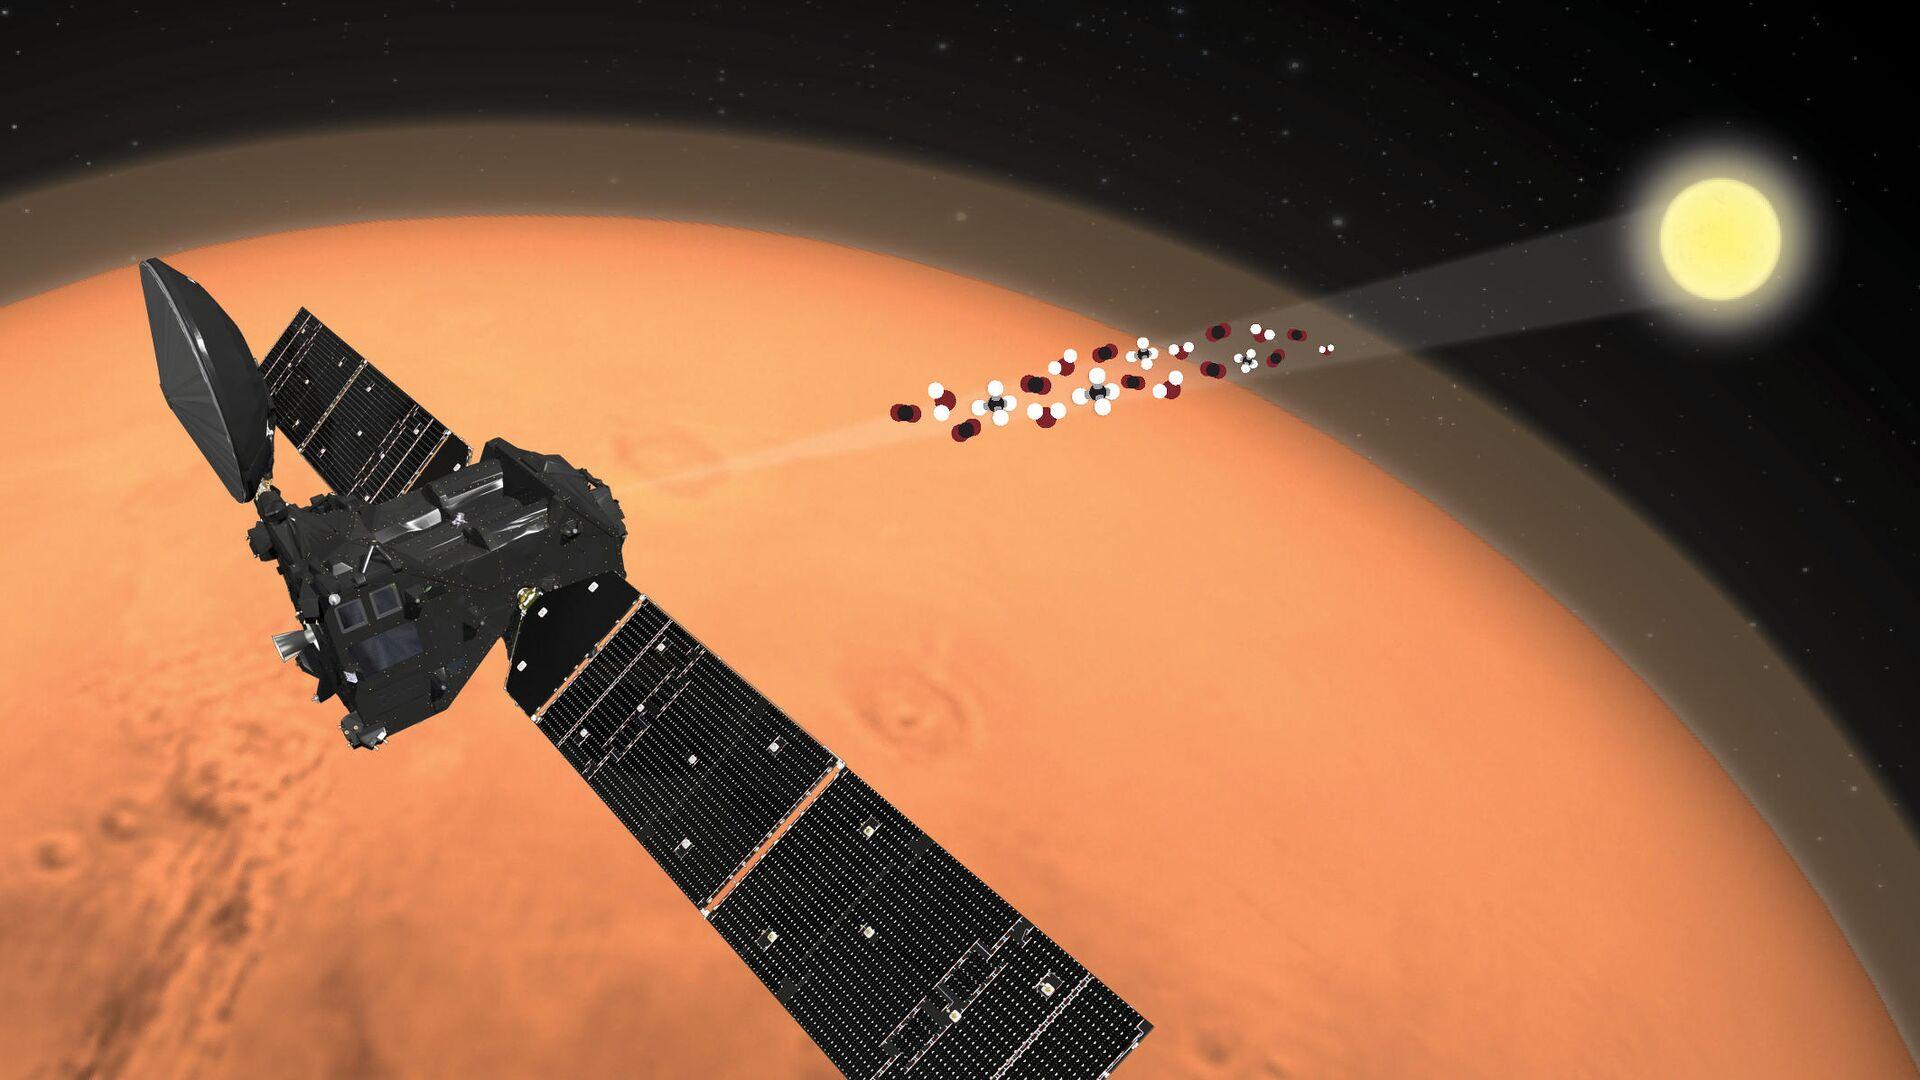 Зонд ЭкзоМарс-TGO измеряет спектр молекул атмосферы Марса - РИА Новости, 1920, 18.09.2020